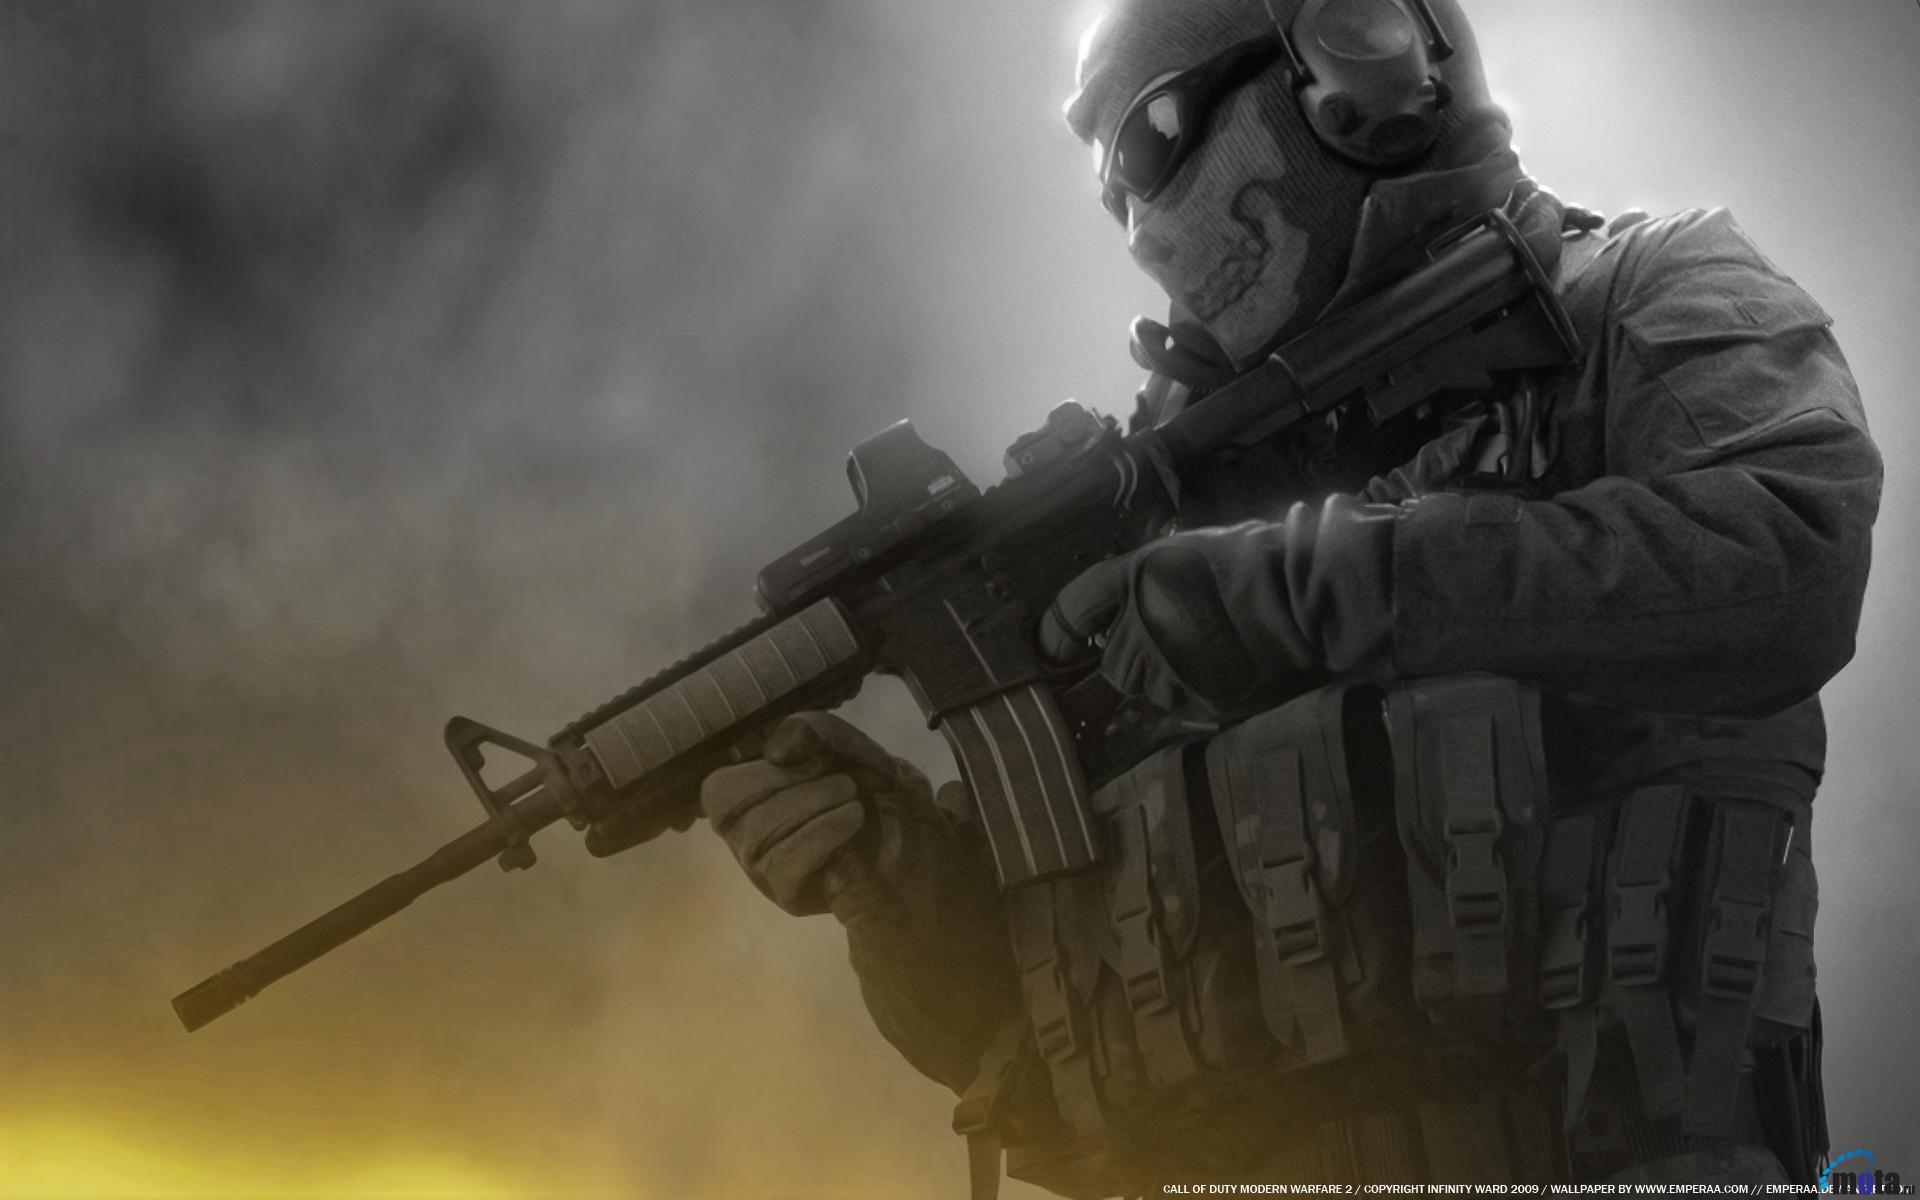 Call Of Duty Modern Warfare 2 Wallpaper Ghost 5942 Hd Wallpapers in ...